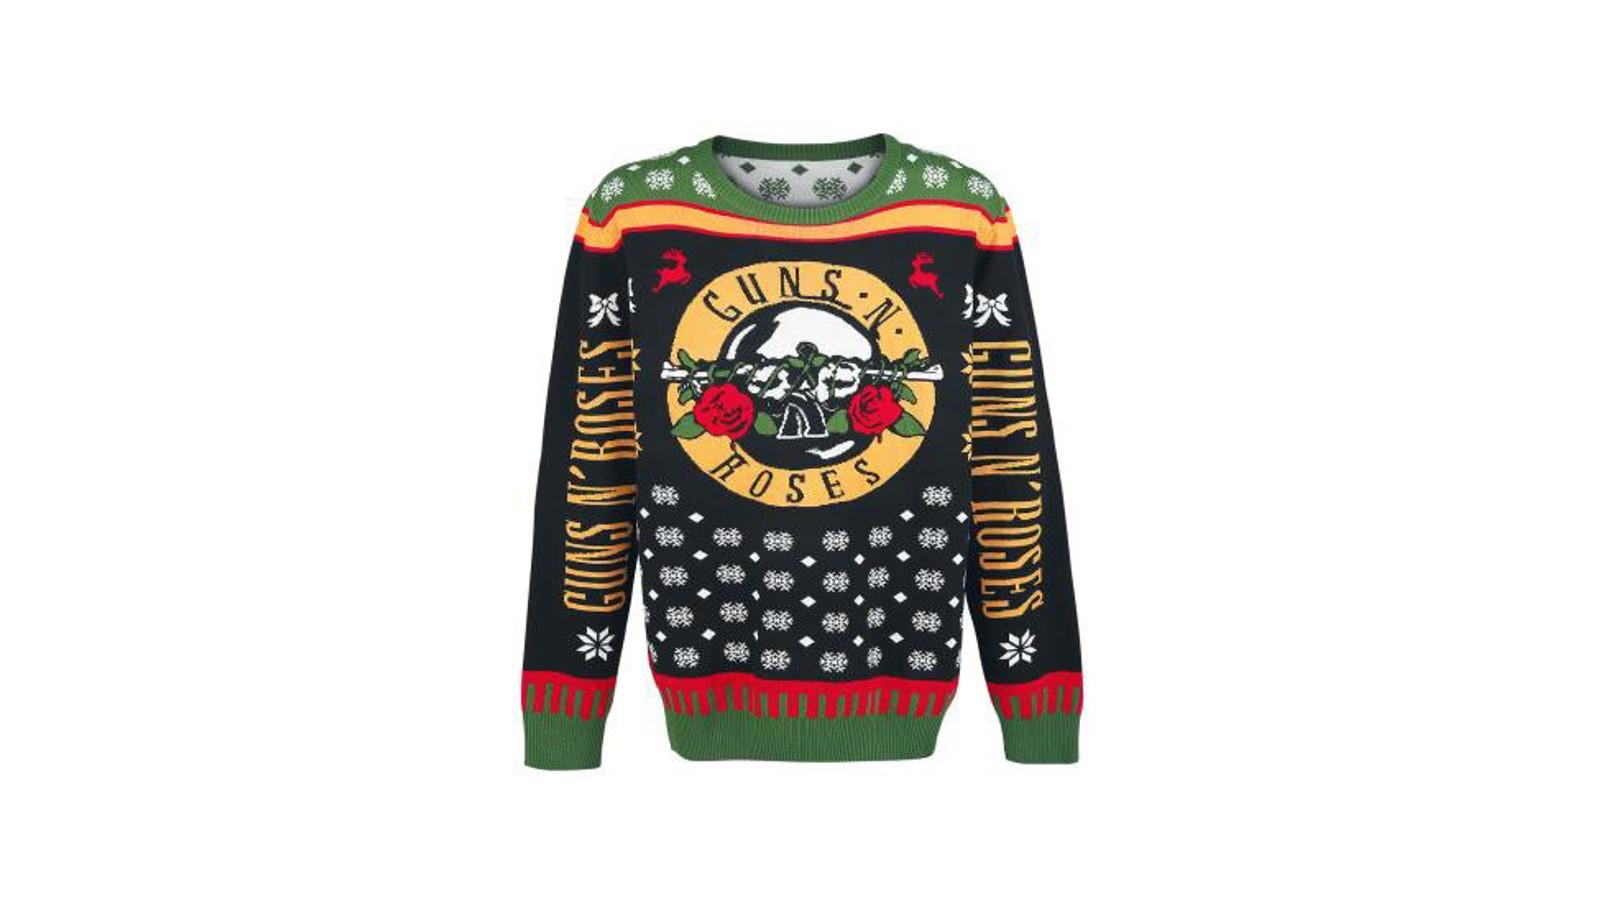 Med både pistoler, roser, snøfnugg og reinsdyr på genseren, er det verken tvil om hvilket band som er din favoritt eller hvilken høytid det er.